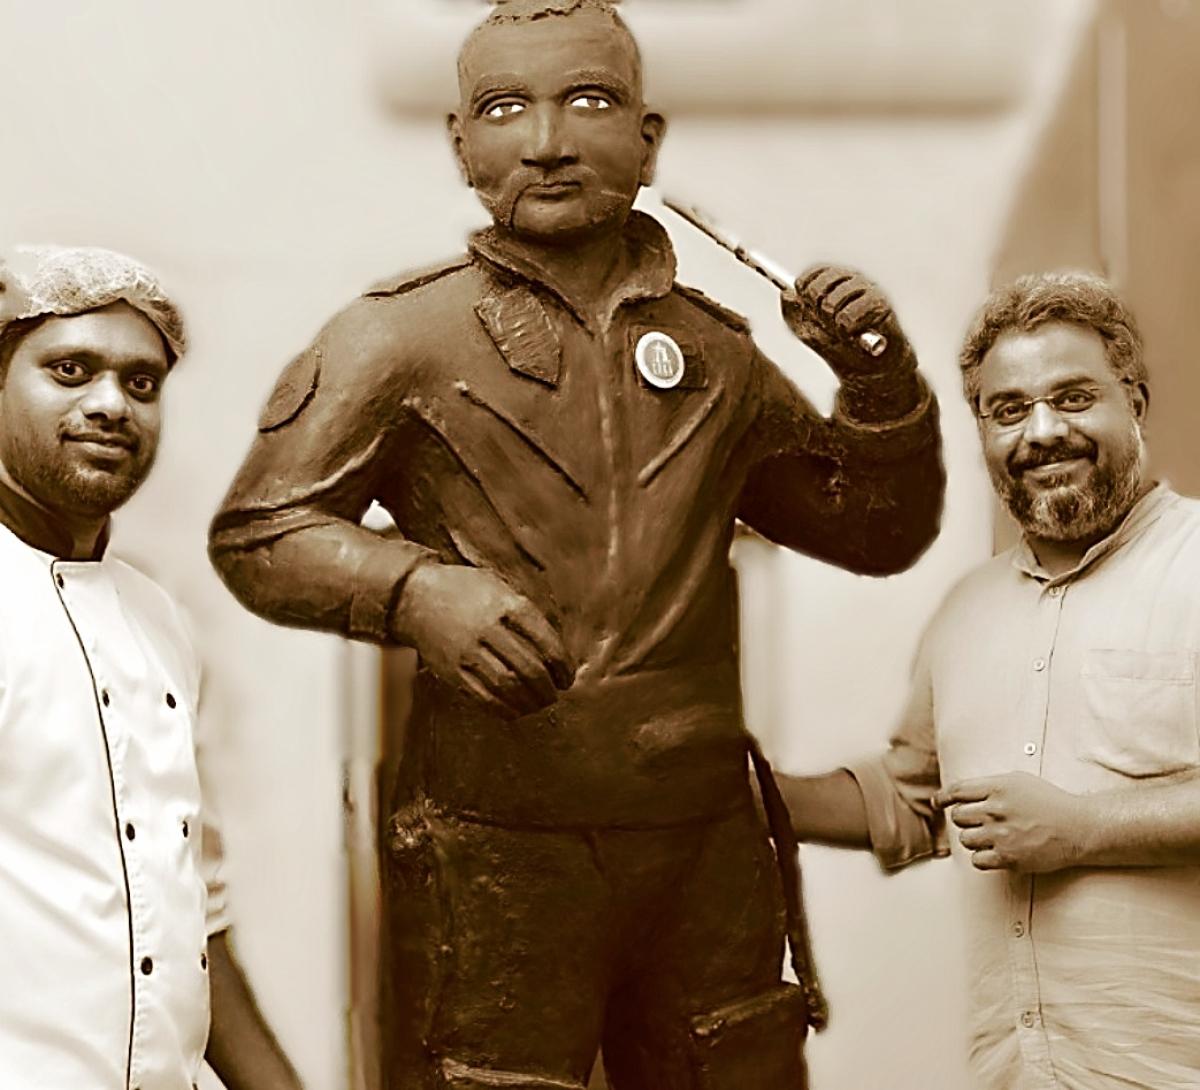 அபிநந்தன் சிலையுடன் செஃப் ராஜேந்திரன் மற்றும் நிறுவனர் ஸ்ரீகாந்த்